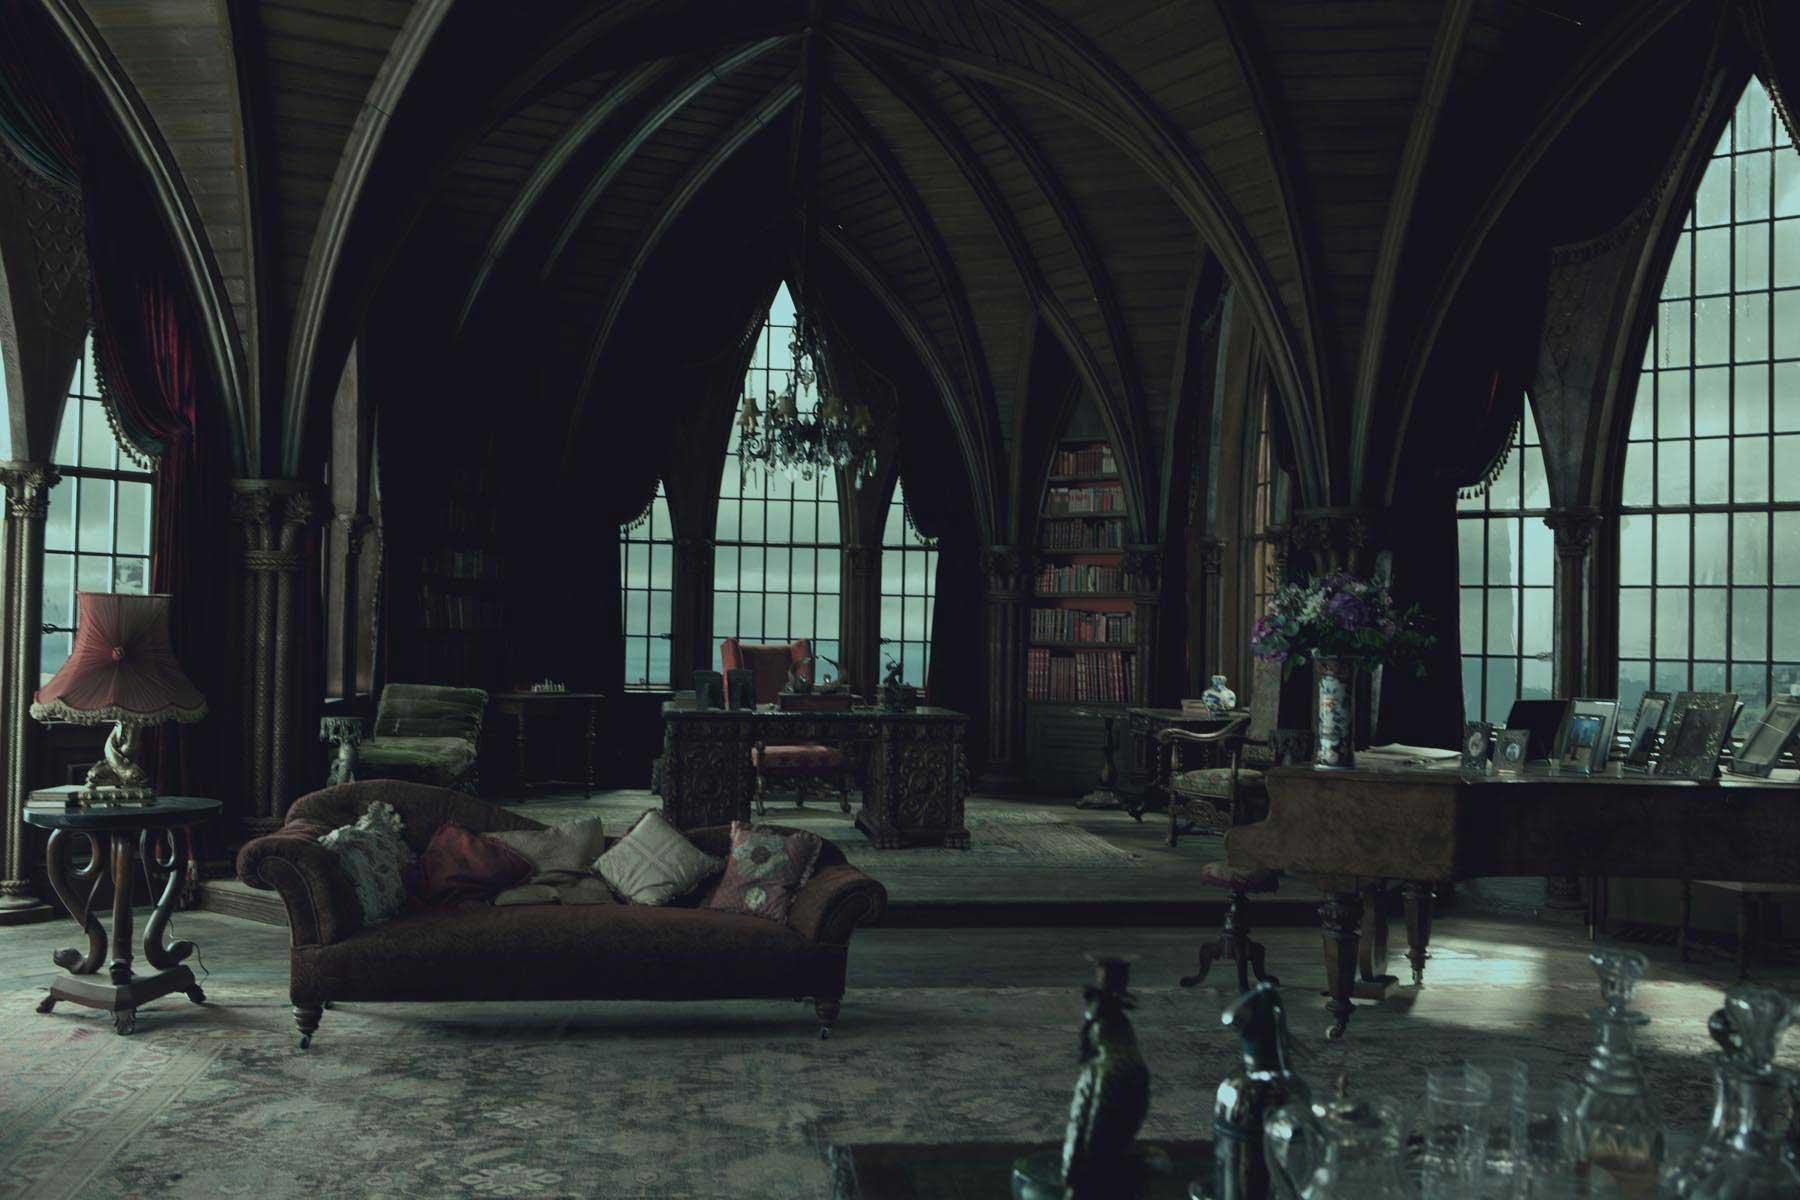 & Dark room design gothic wallpaper | 1800x1200 | 329264 | WallpaperUP